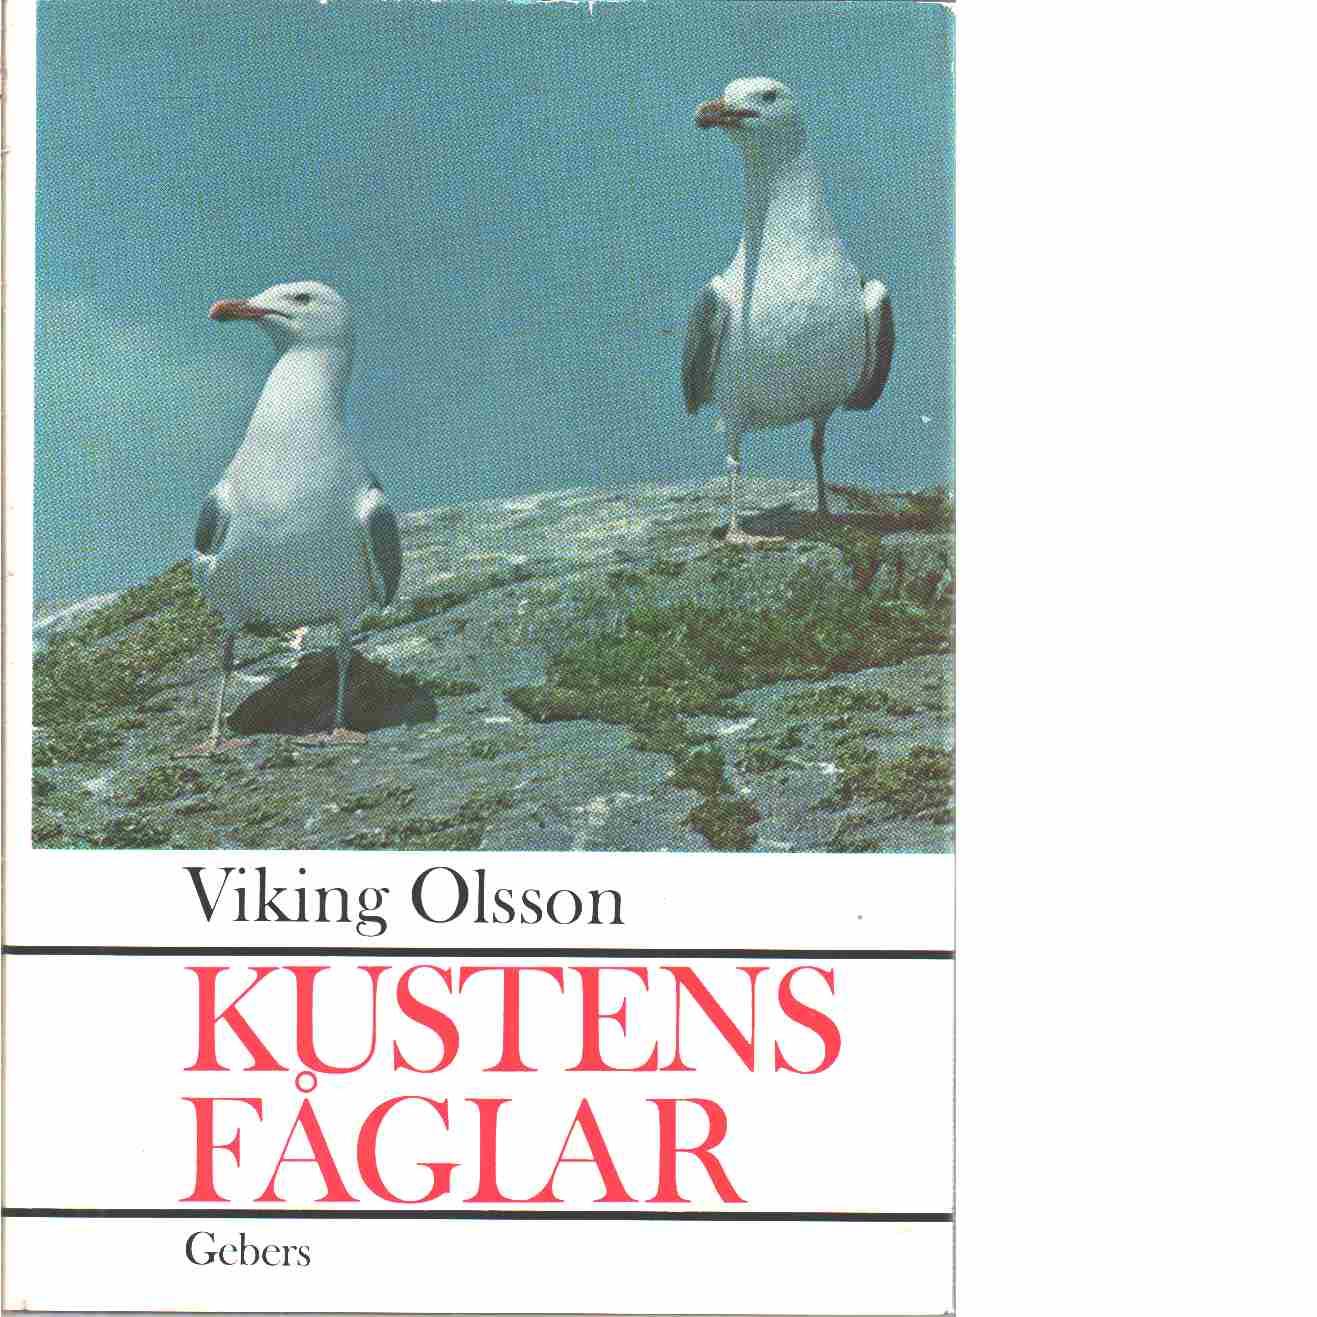 Kustens fåglar. - Olsson, Viking